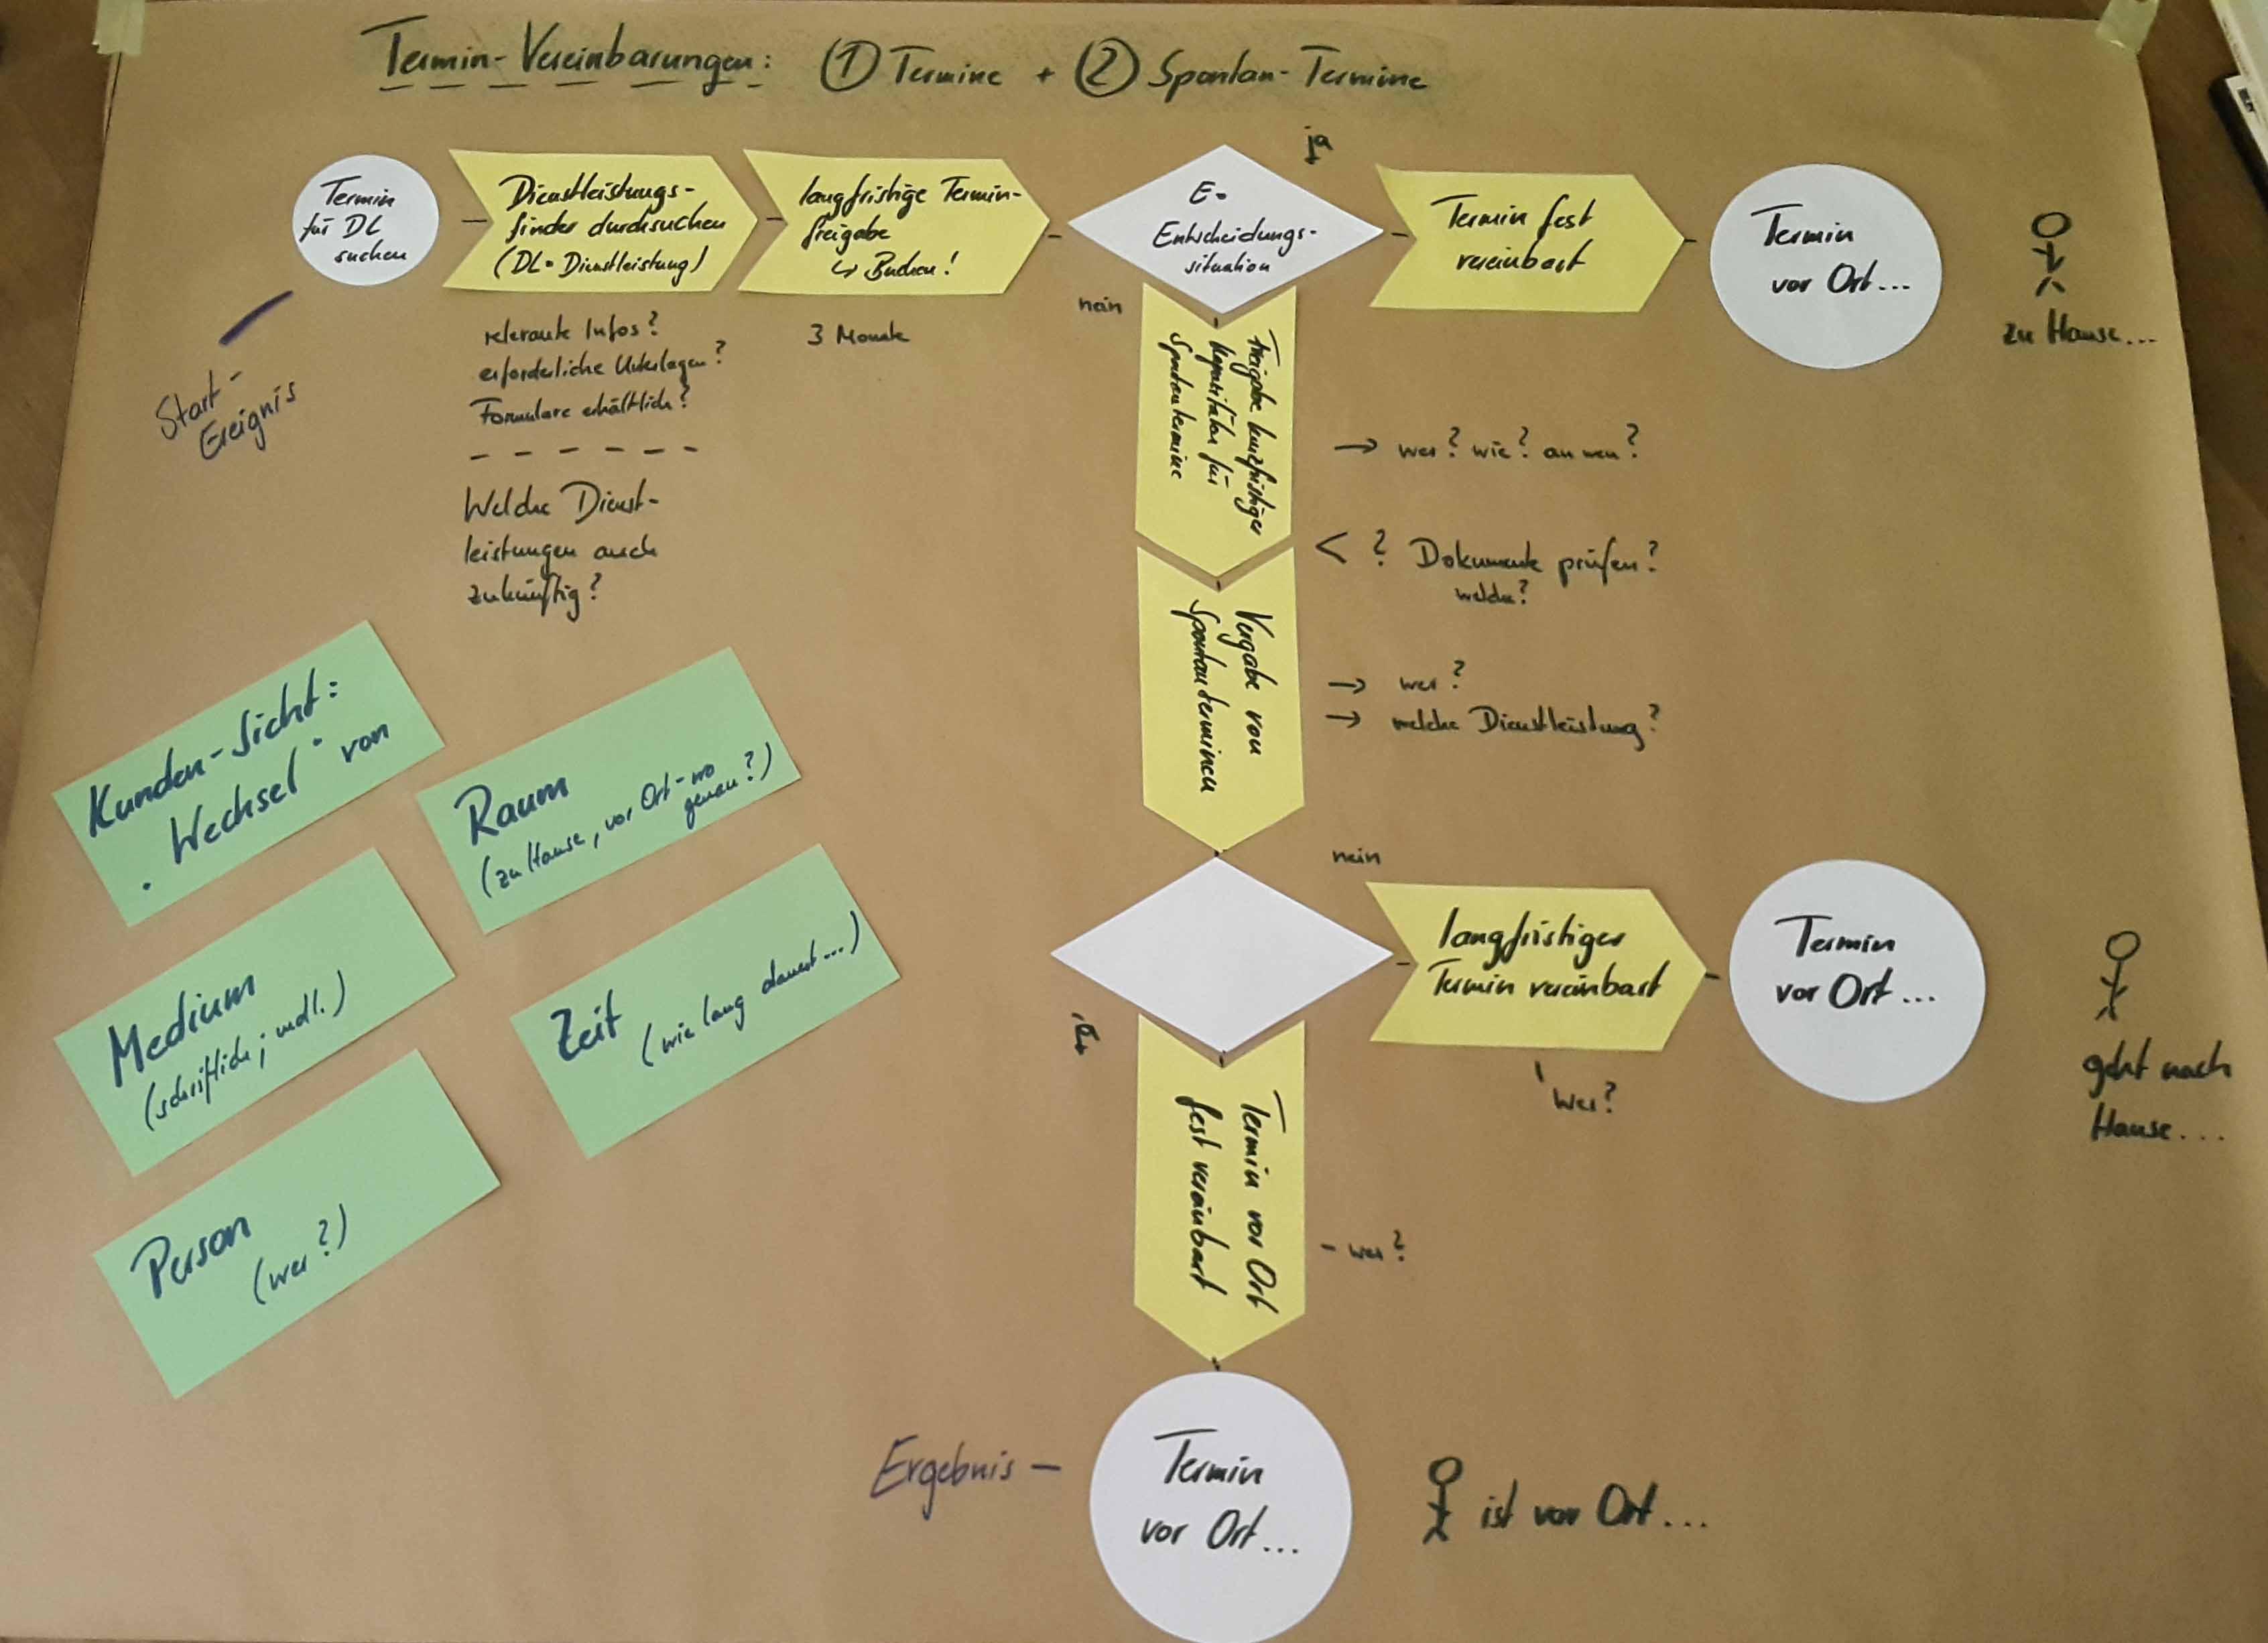 6-prozess-termine-spontantermine-web